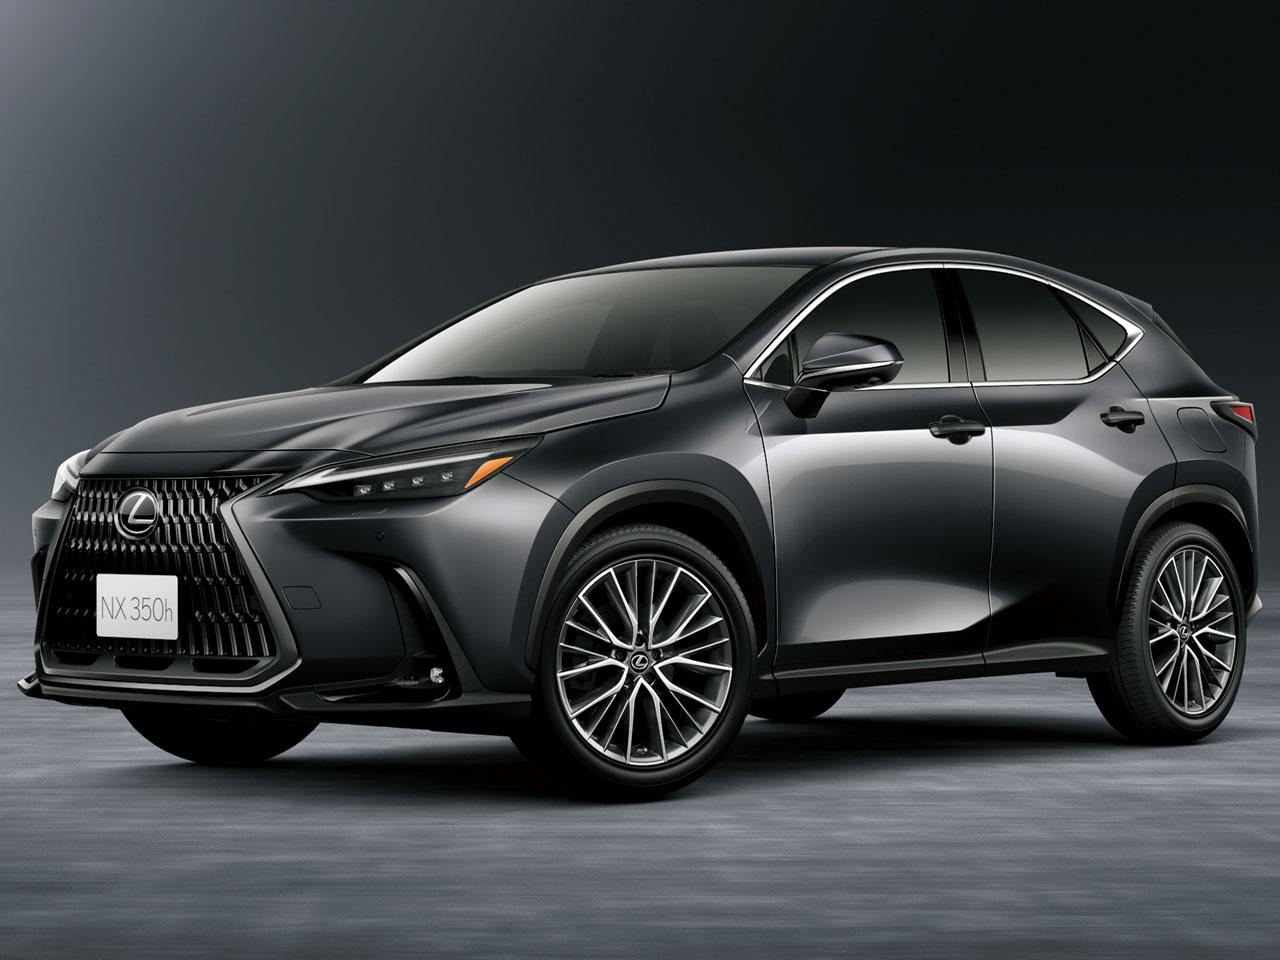 レクサス NX 2021年モデル 新車画像